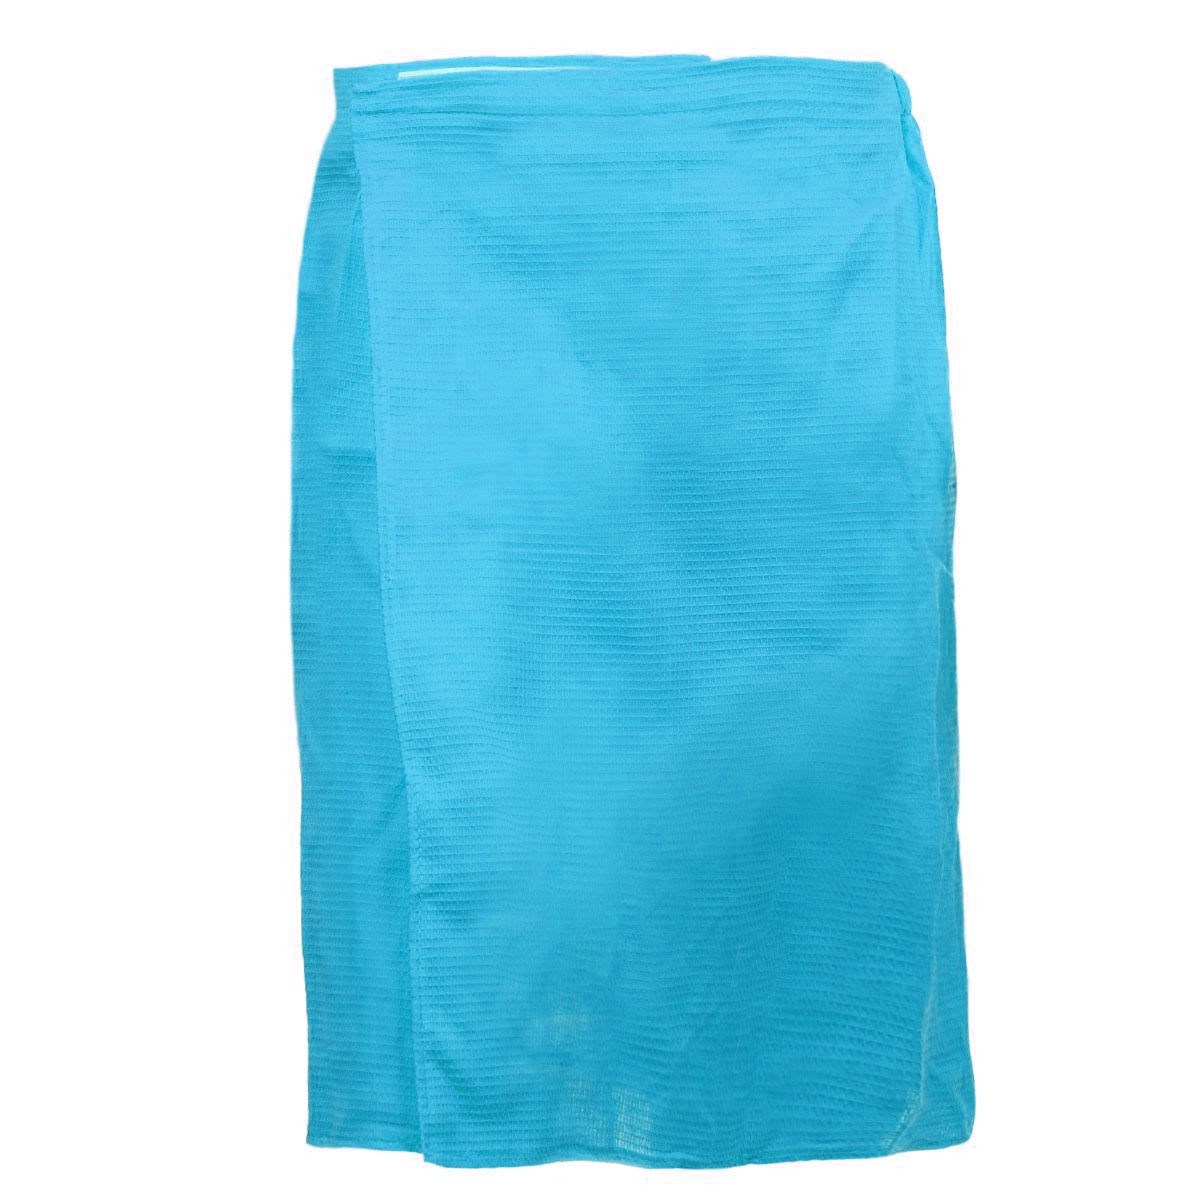 Килт для бани и сауны Банные штучки, мужской, цвет: голубой килт для бани и сауны банные штучки мужской цвет голубой